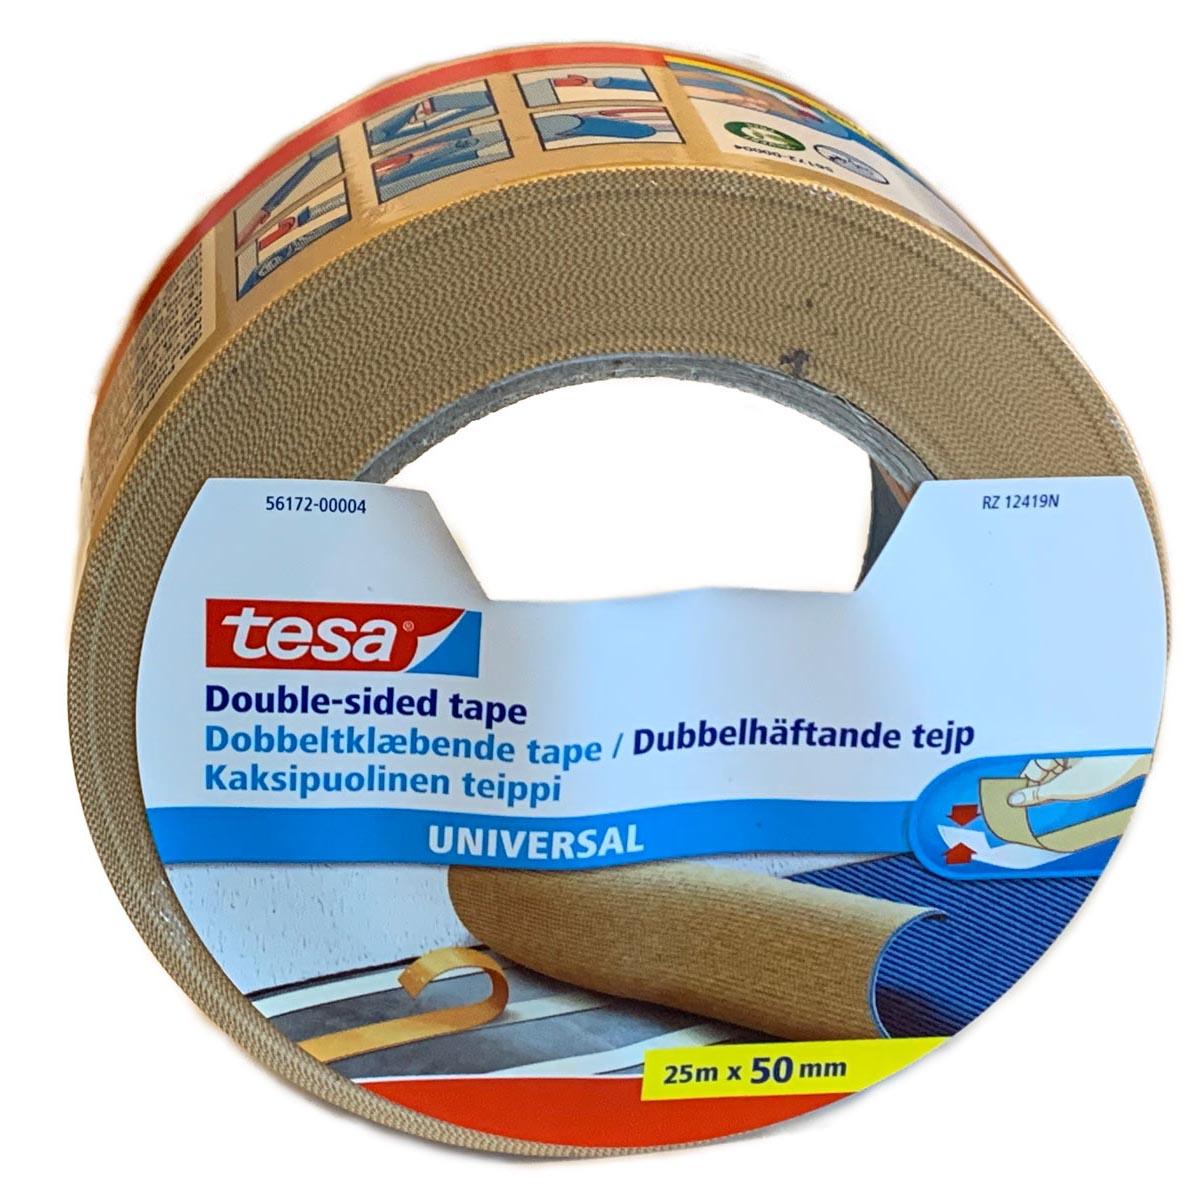 Tesa dobbeltsidig tape for teppeflis og gulvbelegg